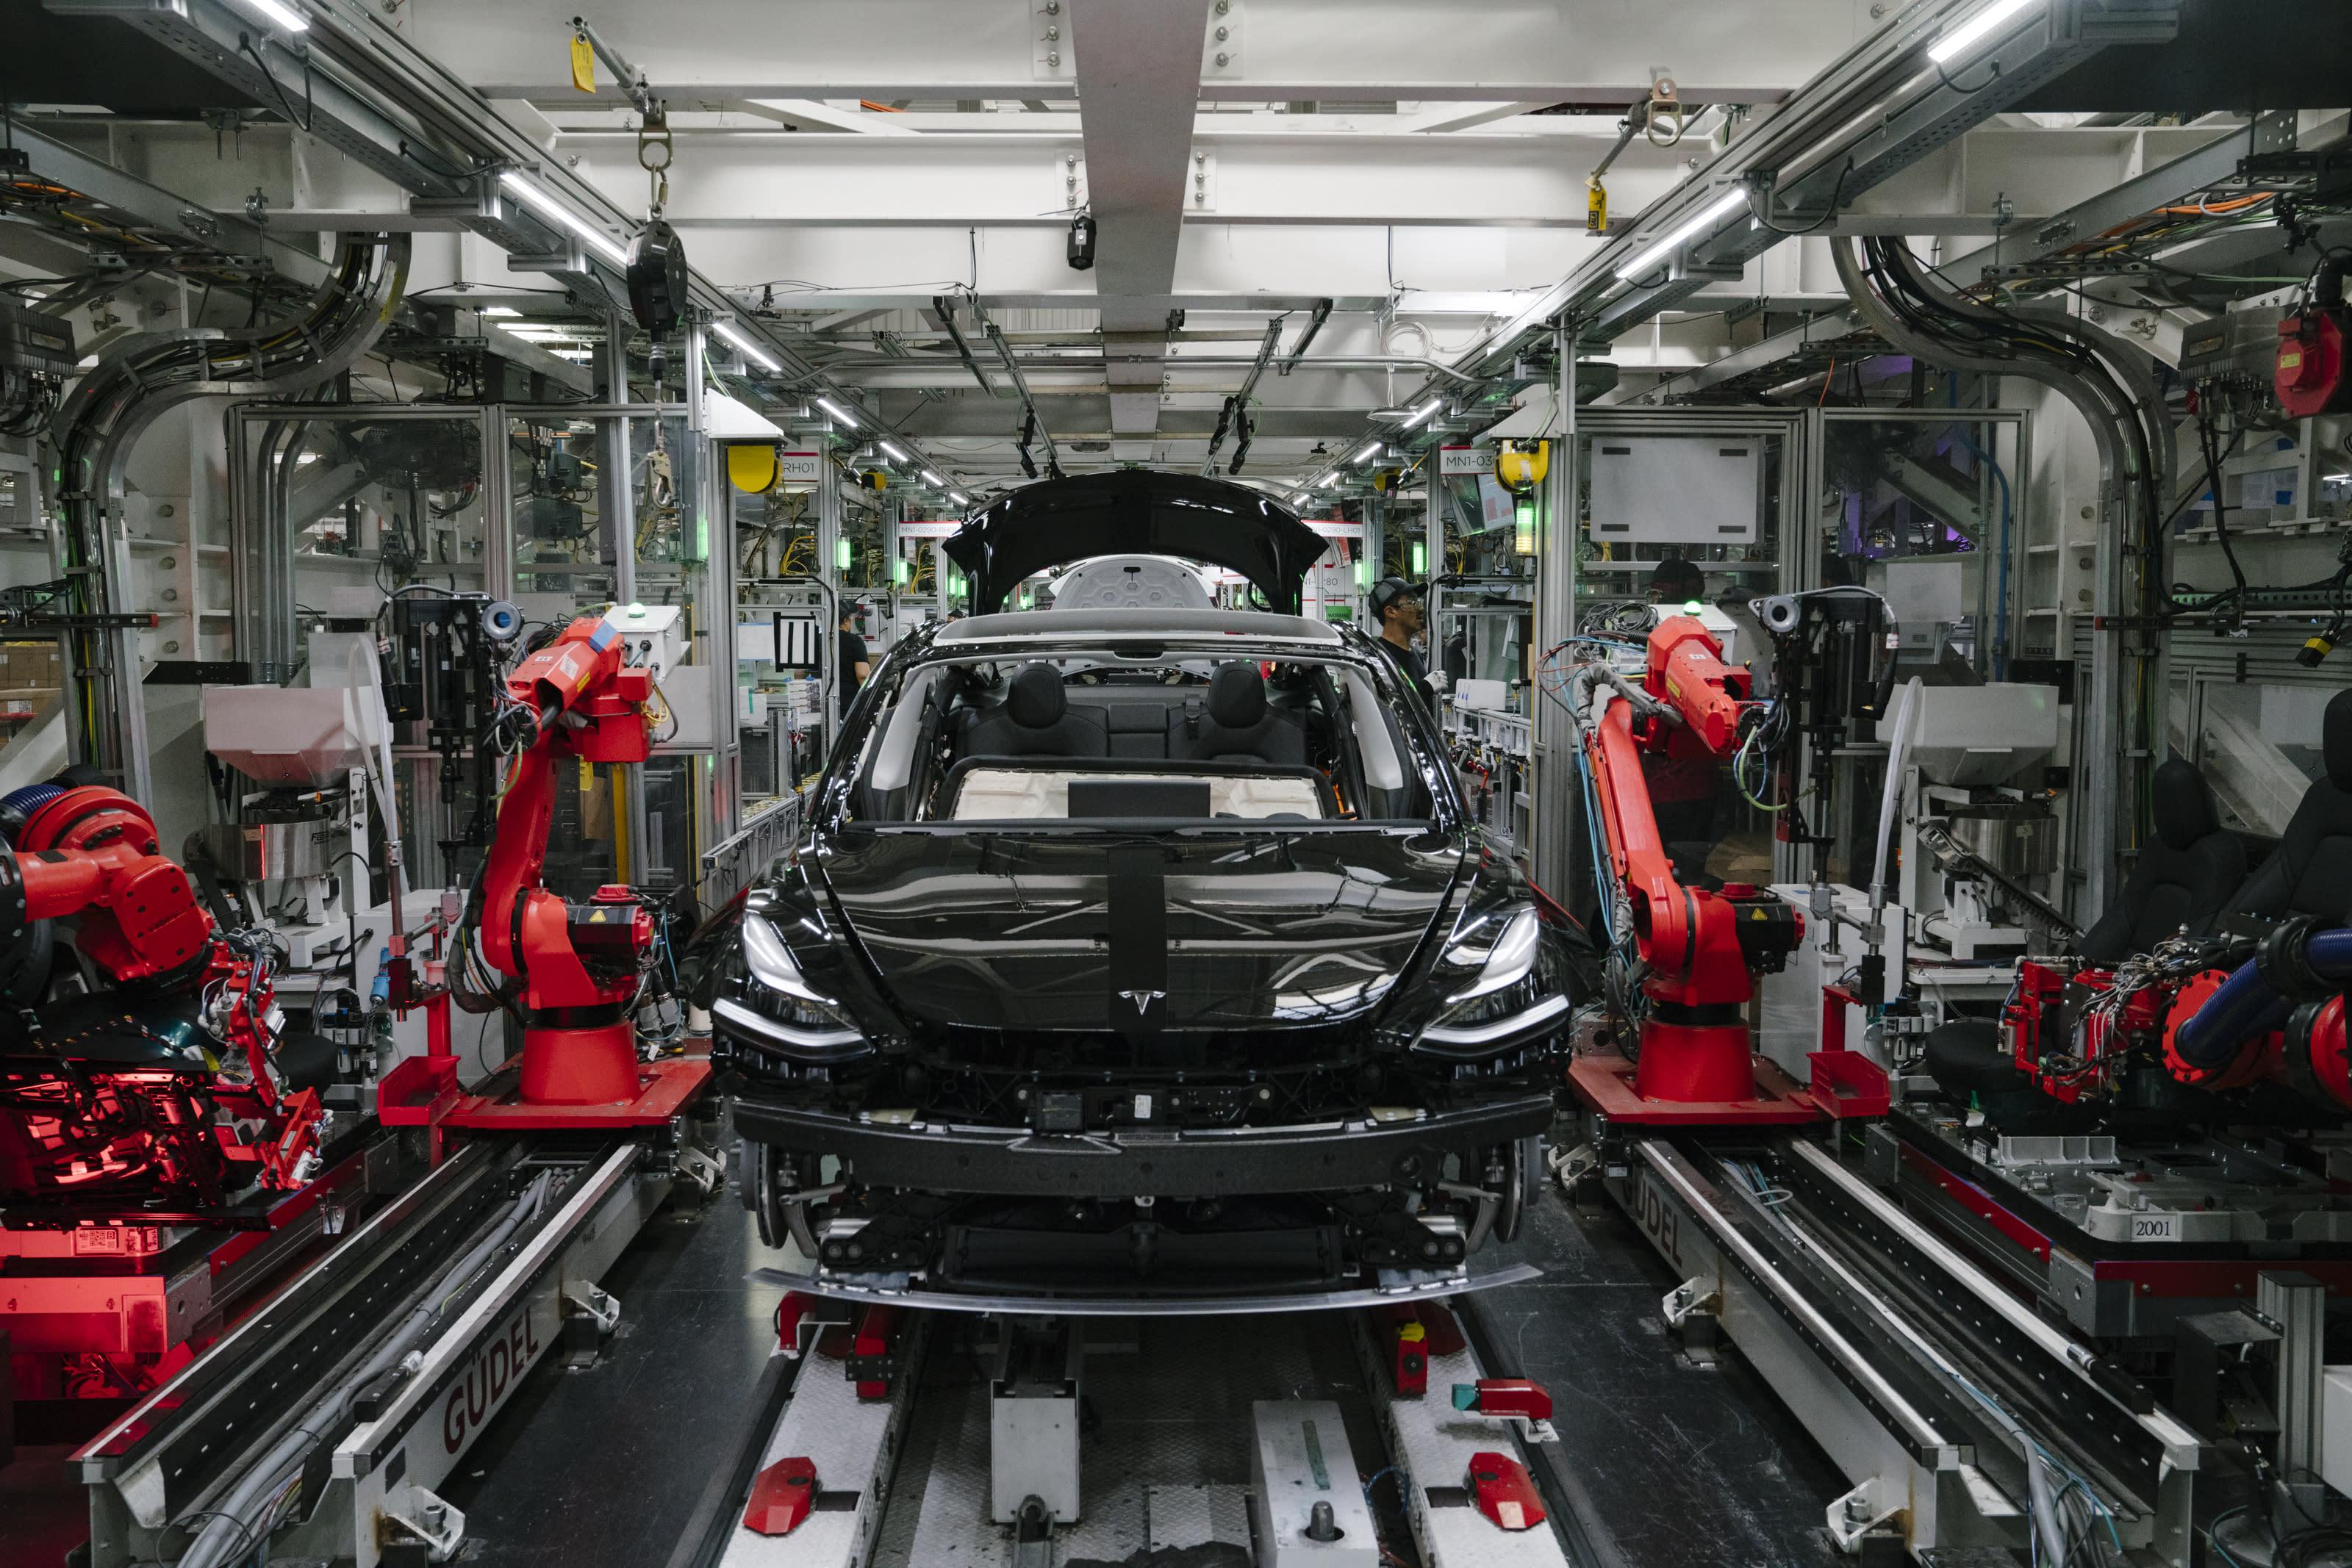 Elon Musk restarts Tesla production in defiance of county lockdown ...